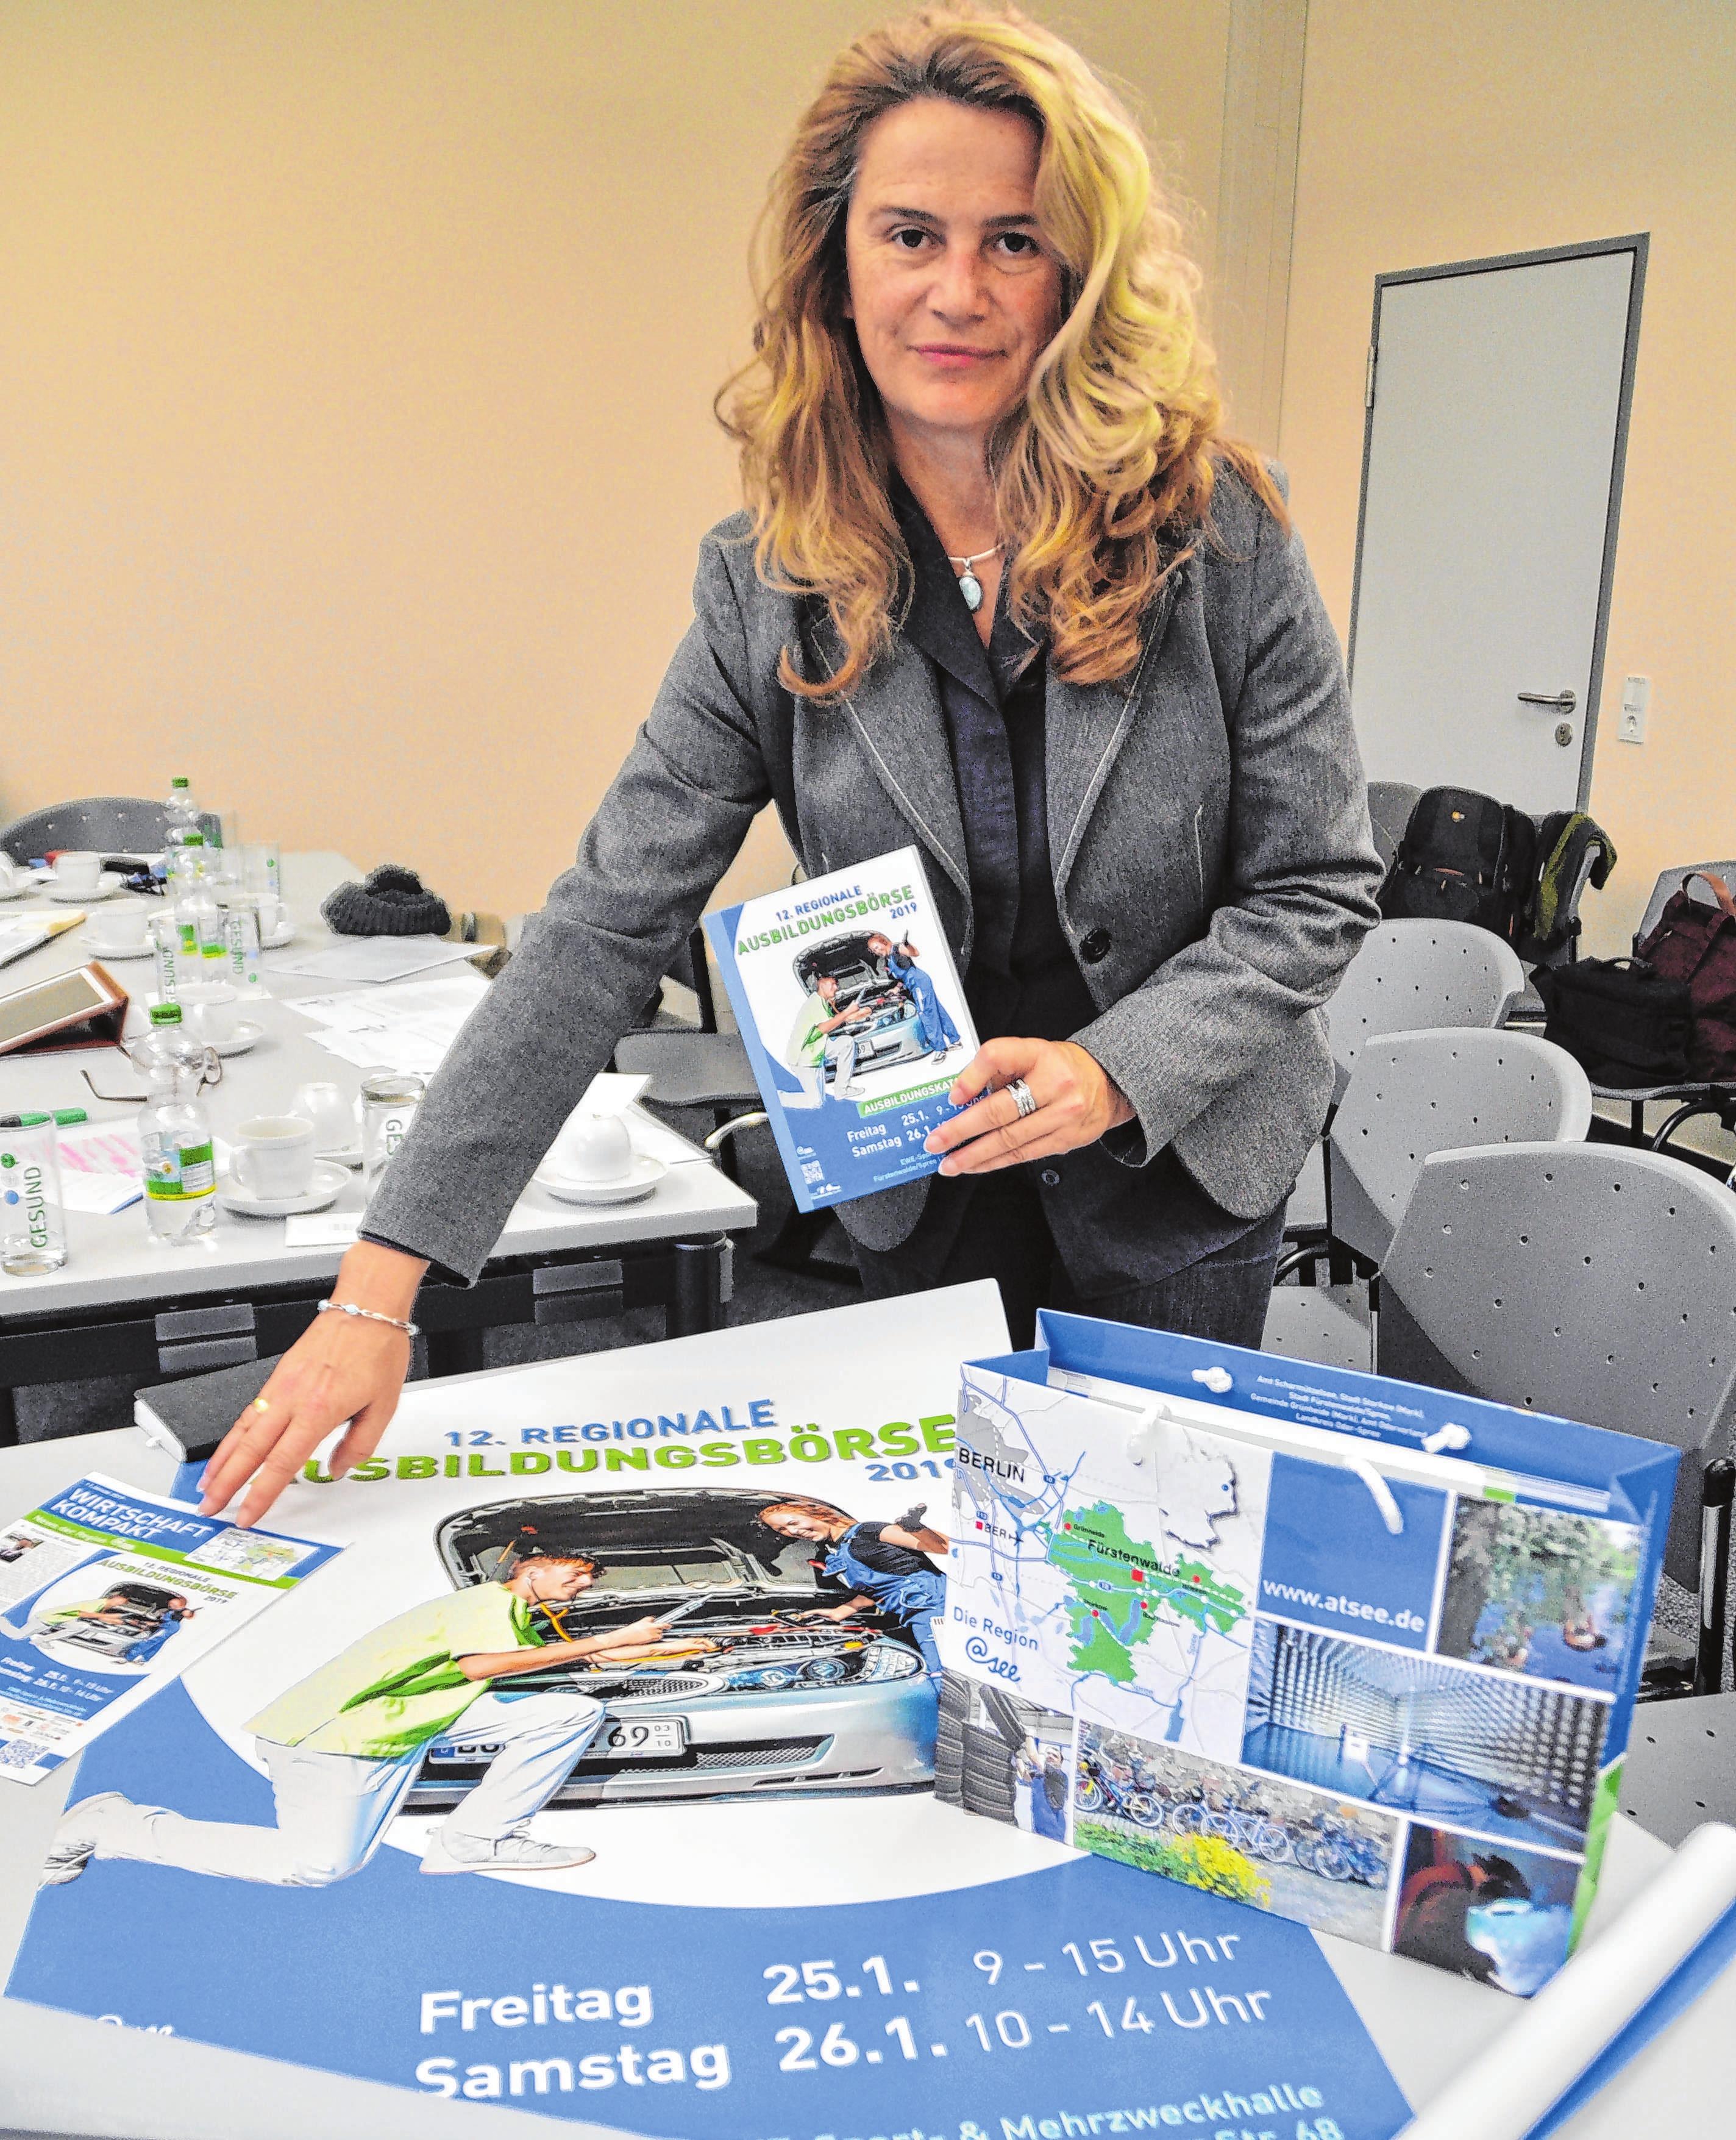 Heike Beyse, in der Stadtverwaltung Fürstenwalde zuständig für Wirtschaftsförderung und Tourismus, hält die Fäden für die Ausstellungsbörse zusammen. Seit Wochen laufen die Vorbereitungen dafür bereits aus Hochtouren. Foto: Sabine Uy